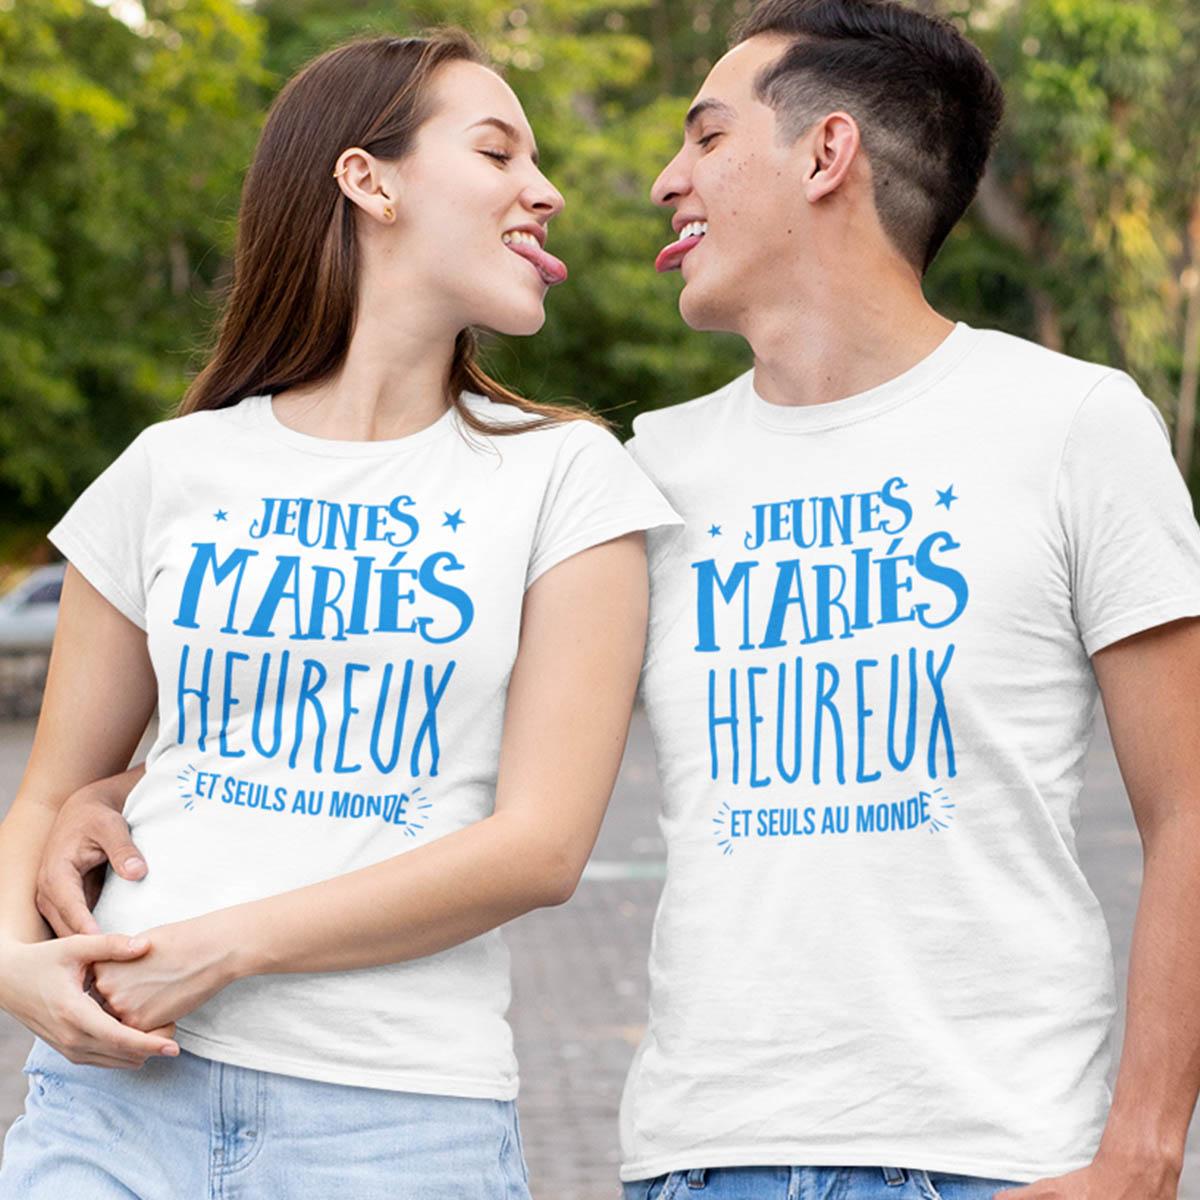 Duo tee-shirt Jeunes mariés et seuls au monde | My Kustom tee-shirt France